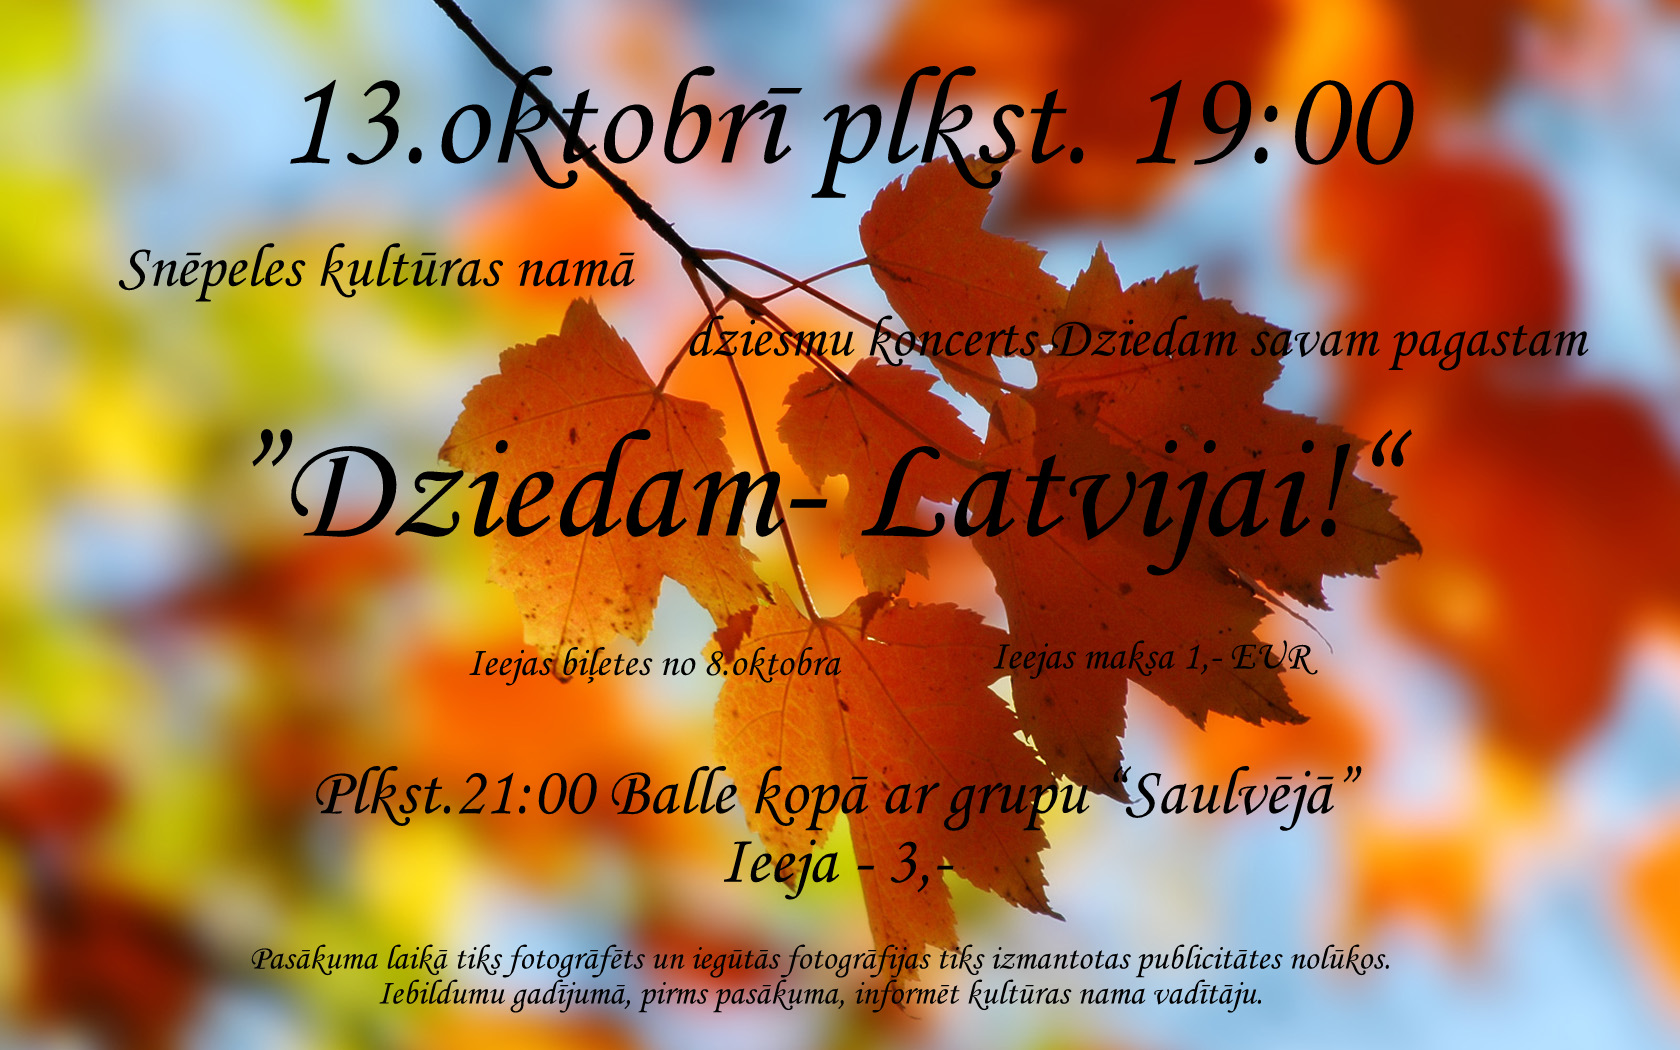 13. oktobrī 19:00 – Dziedam Latvijai!